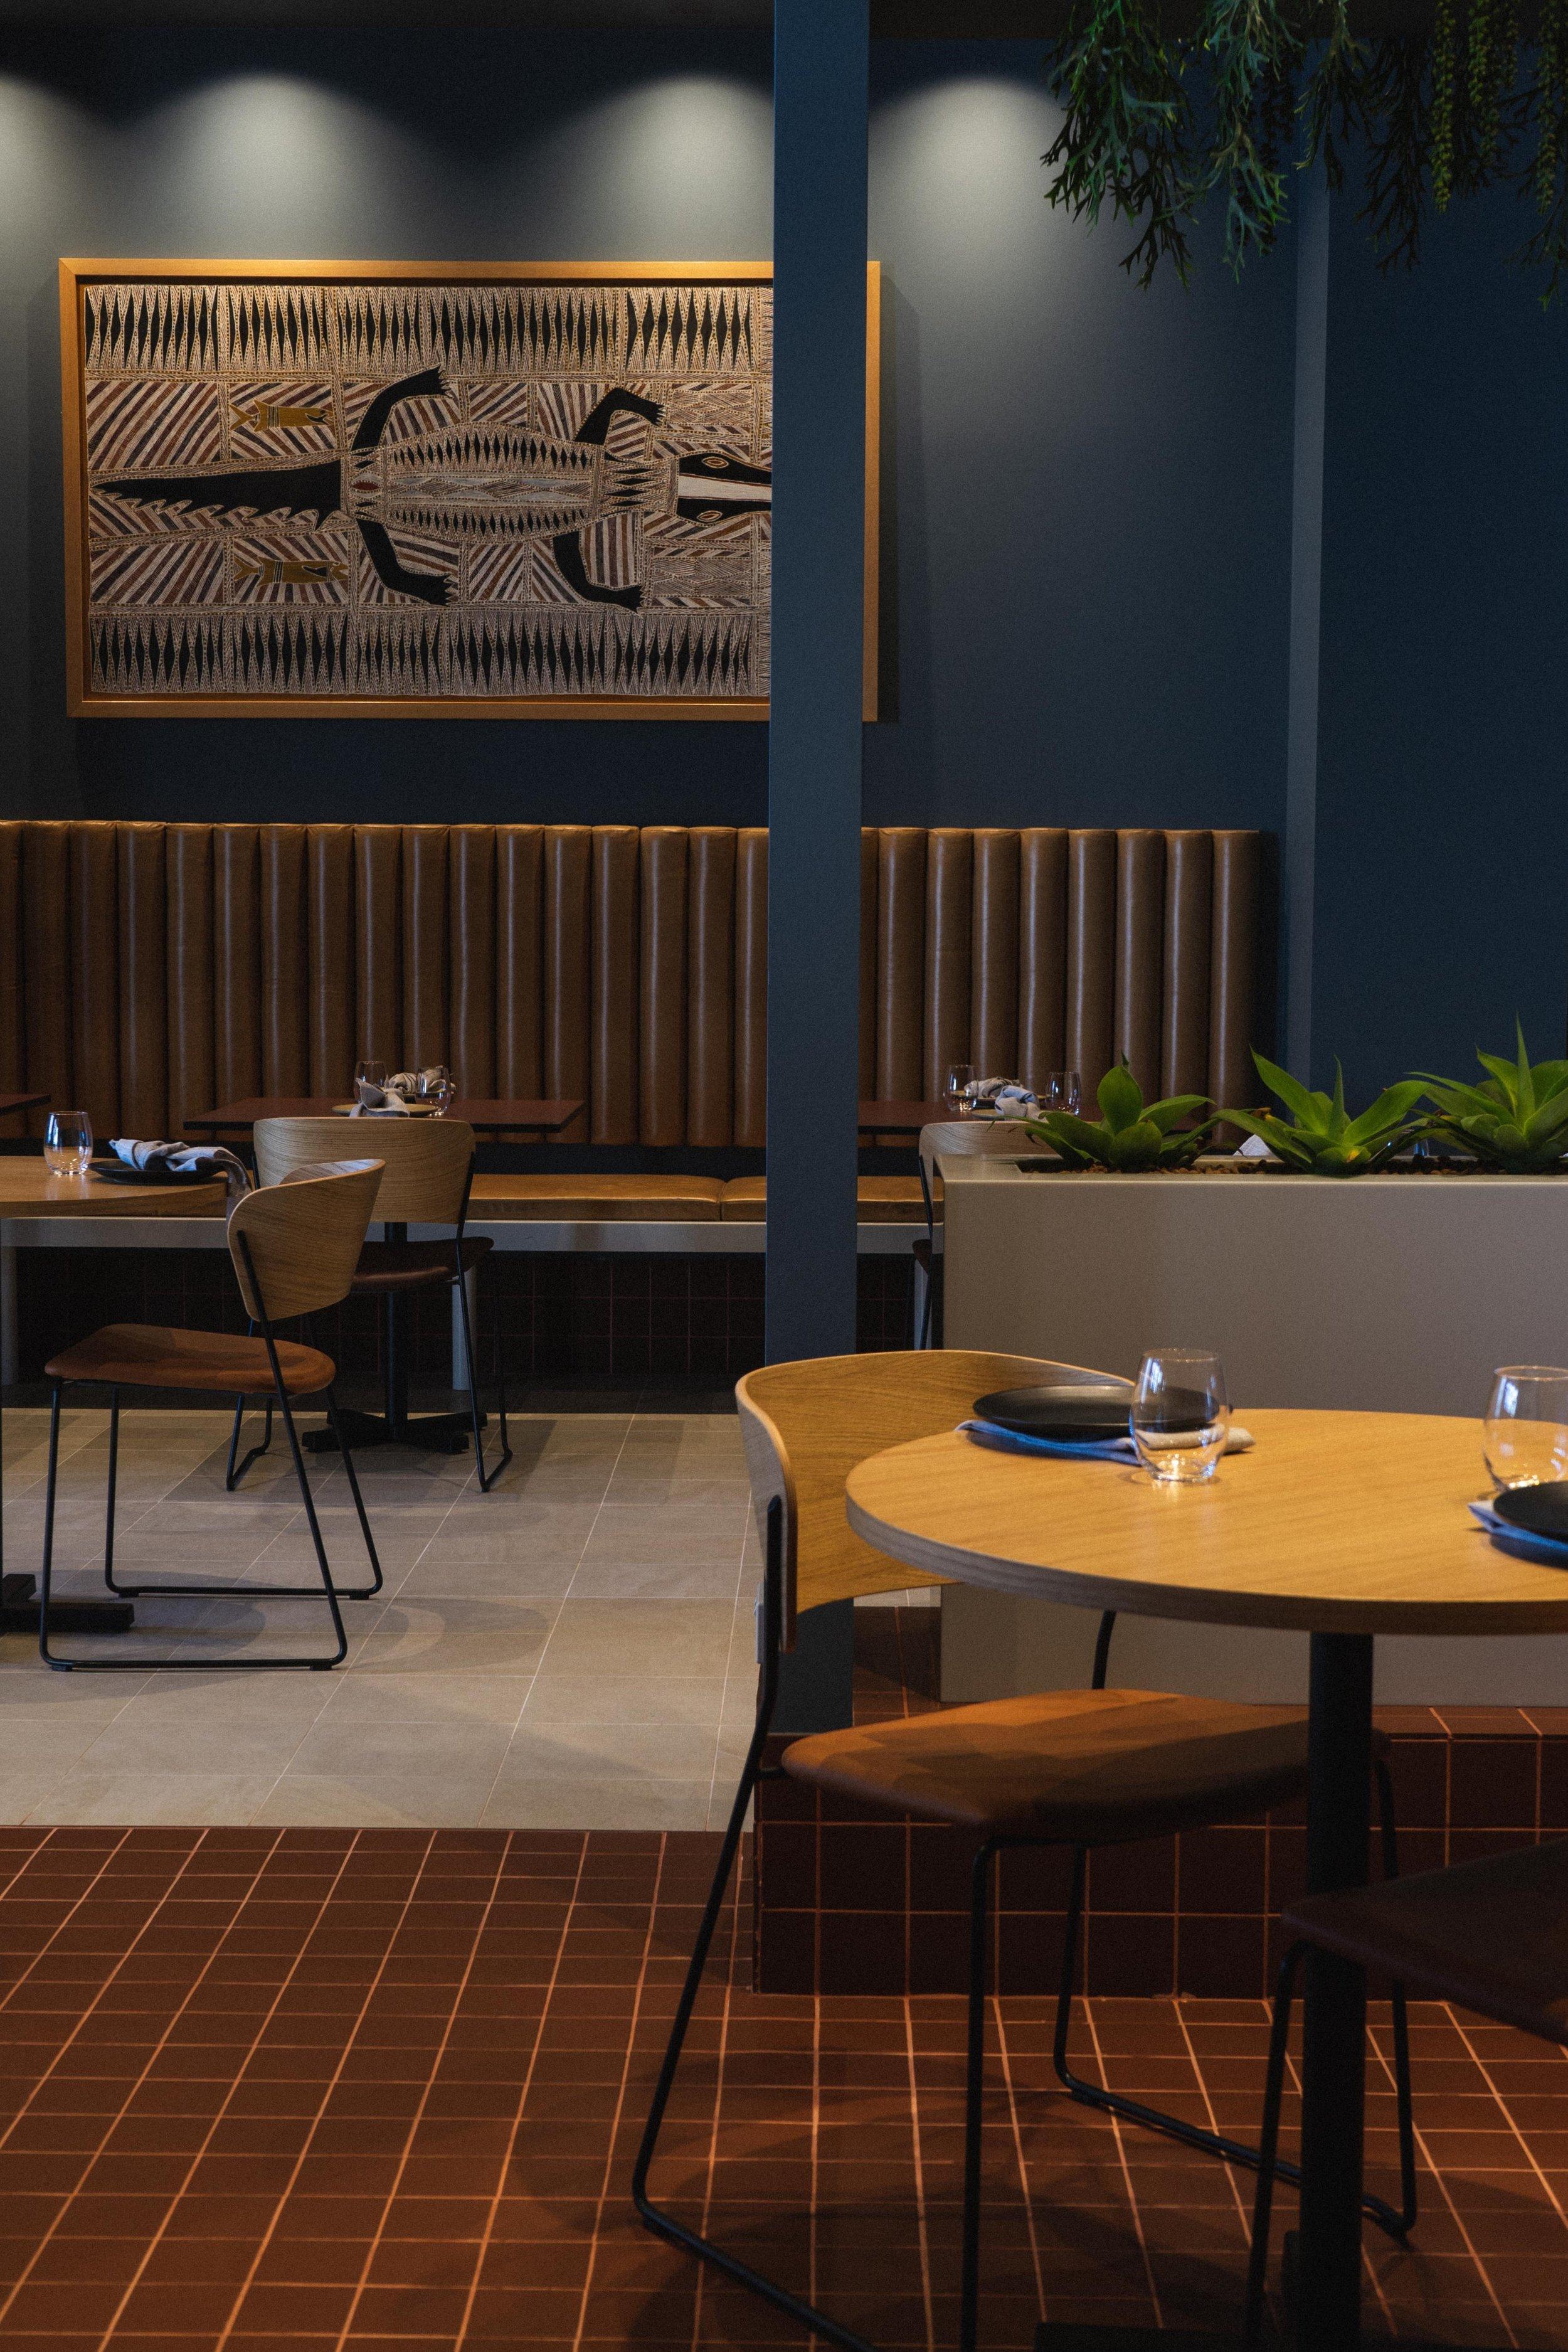 uma restaurant -